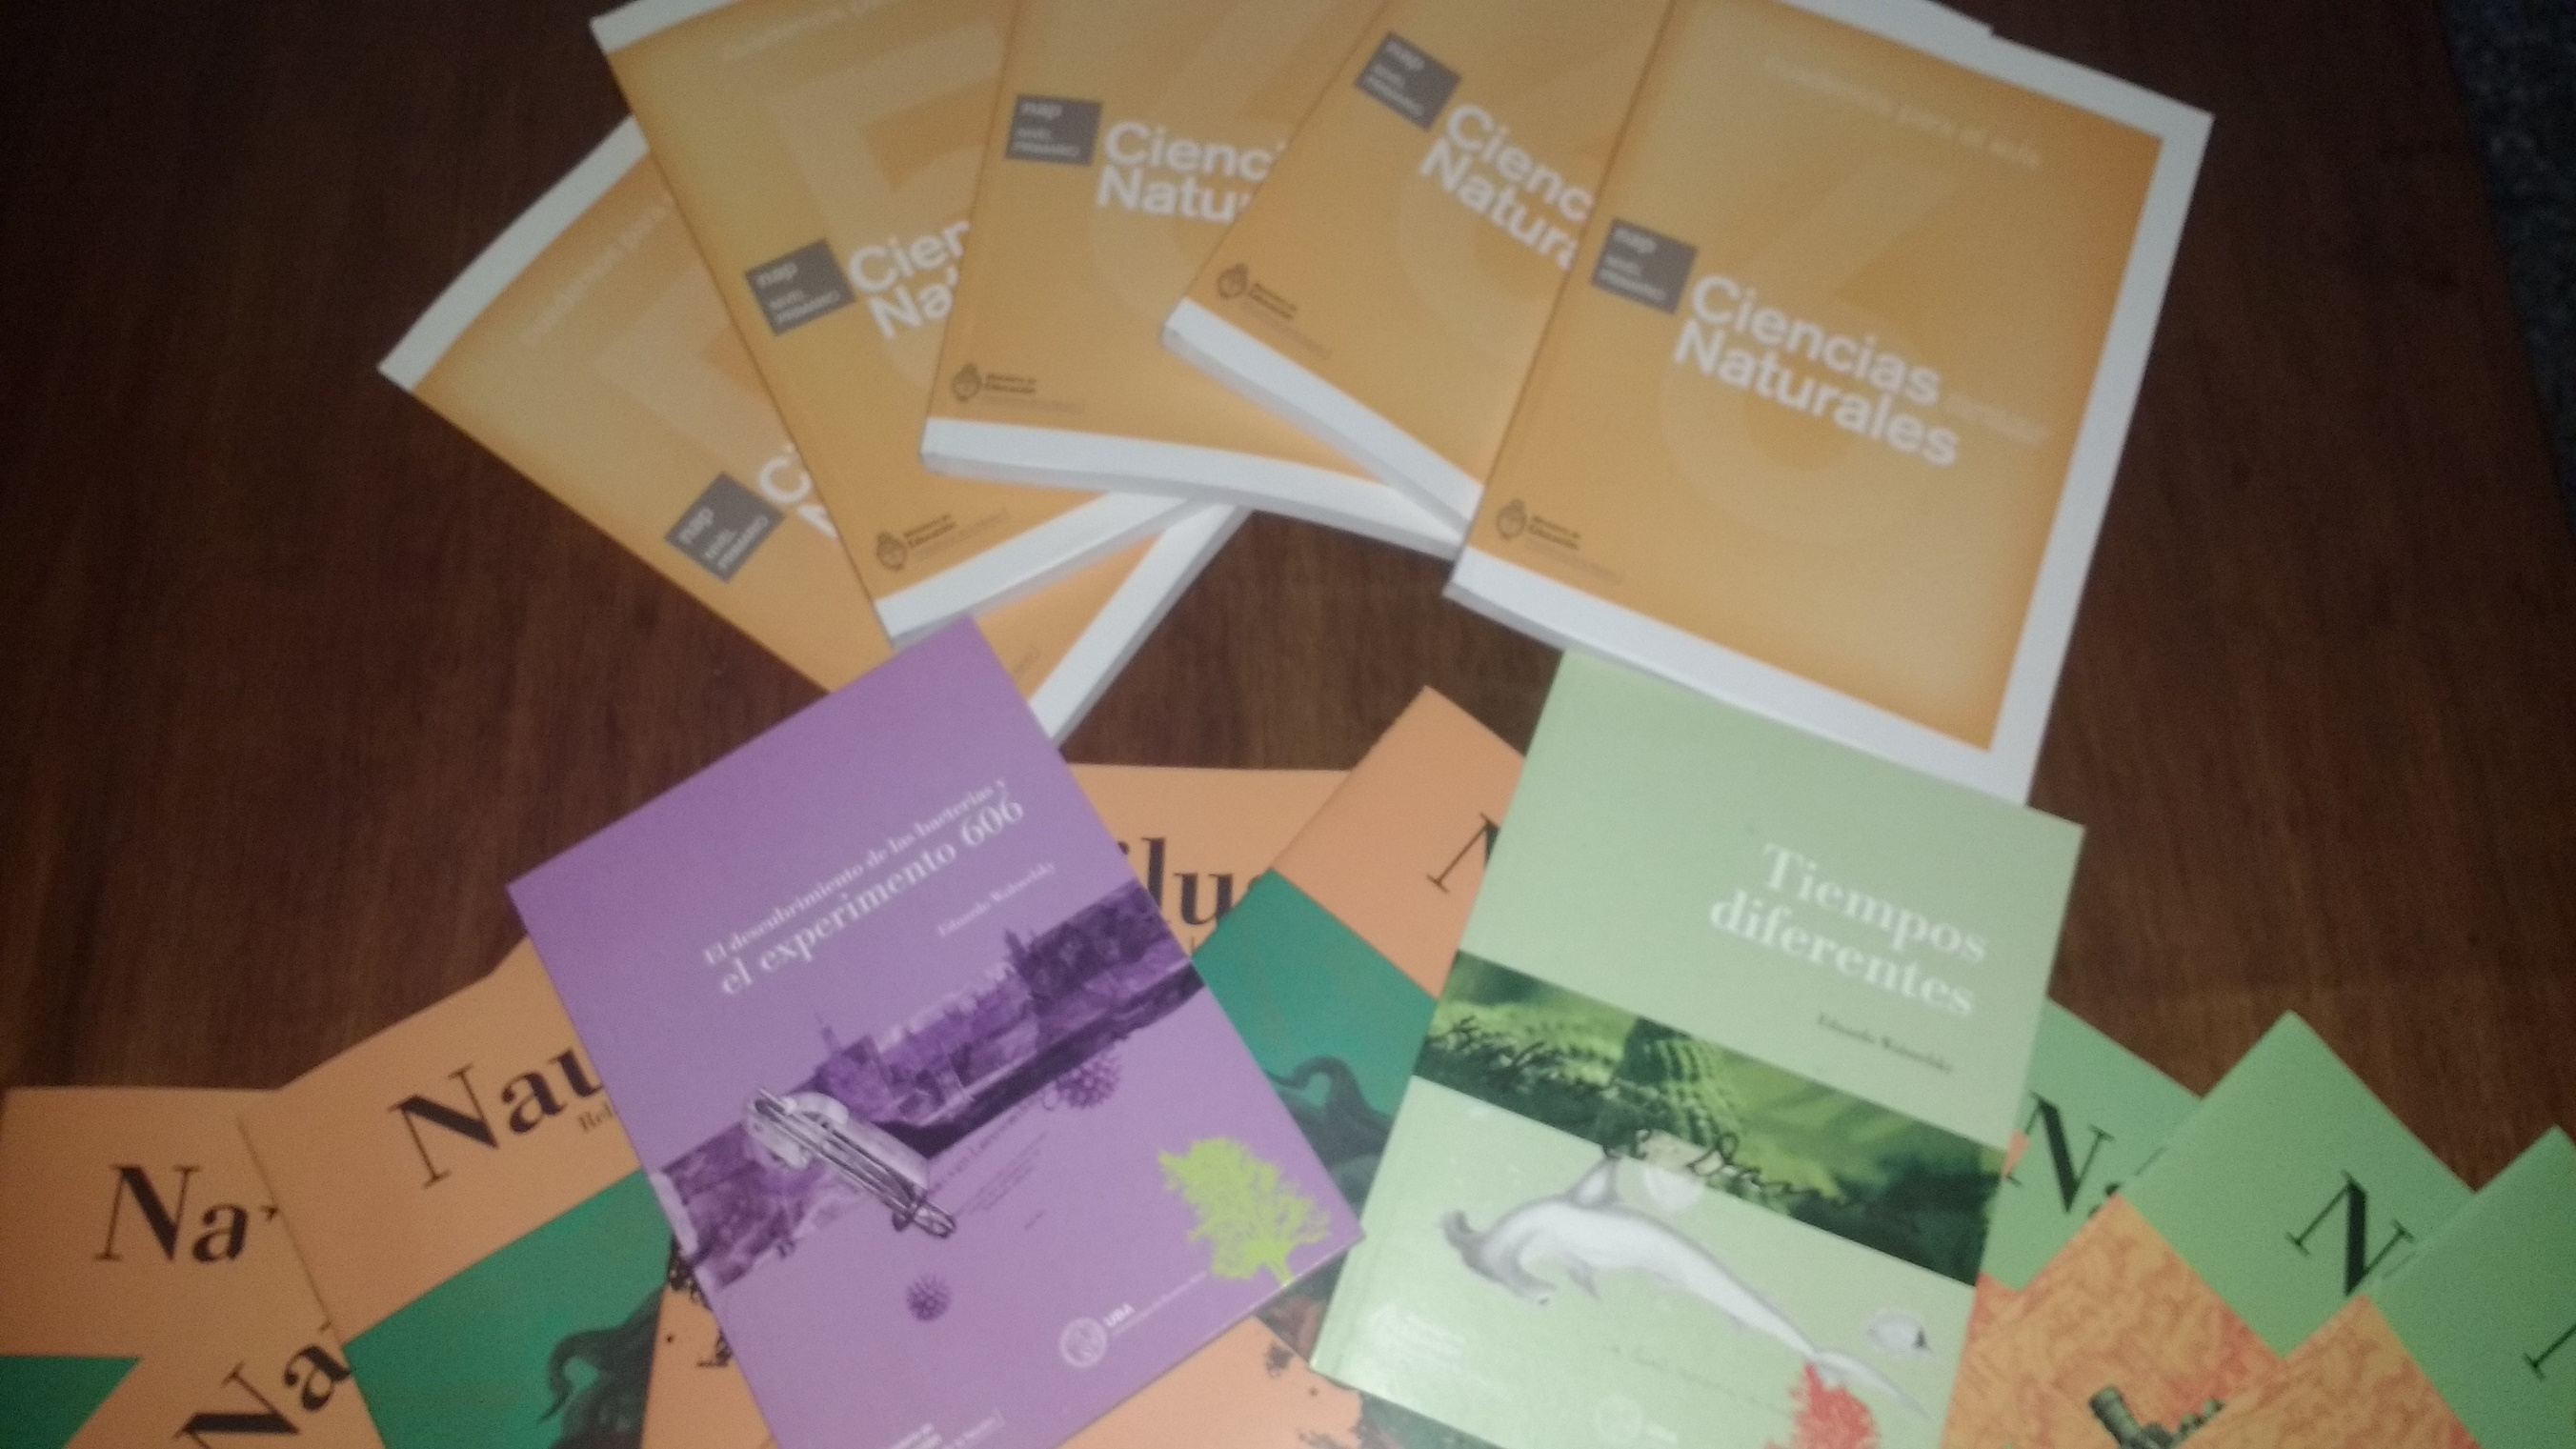 09c30c943f Nuevos libros para nuestra biblioteca   Maipú